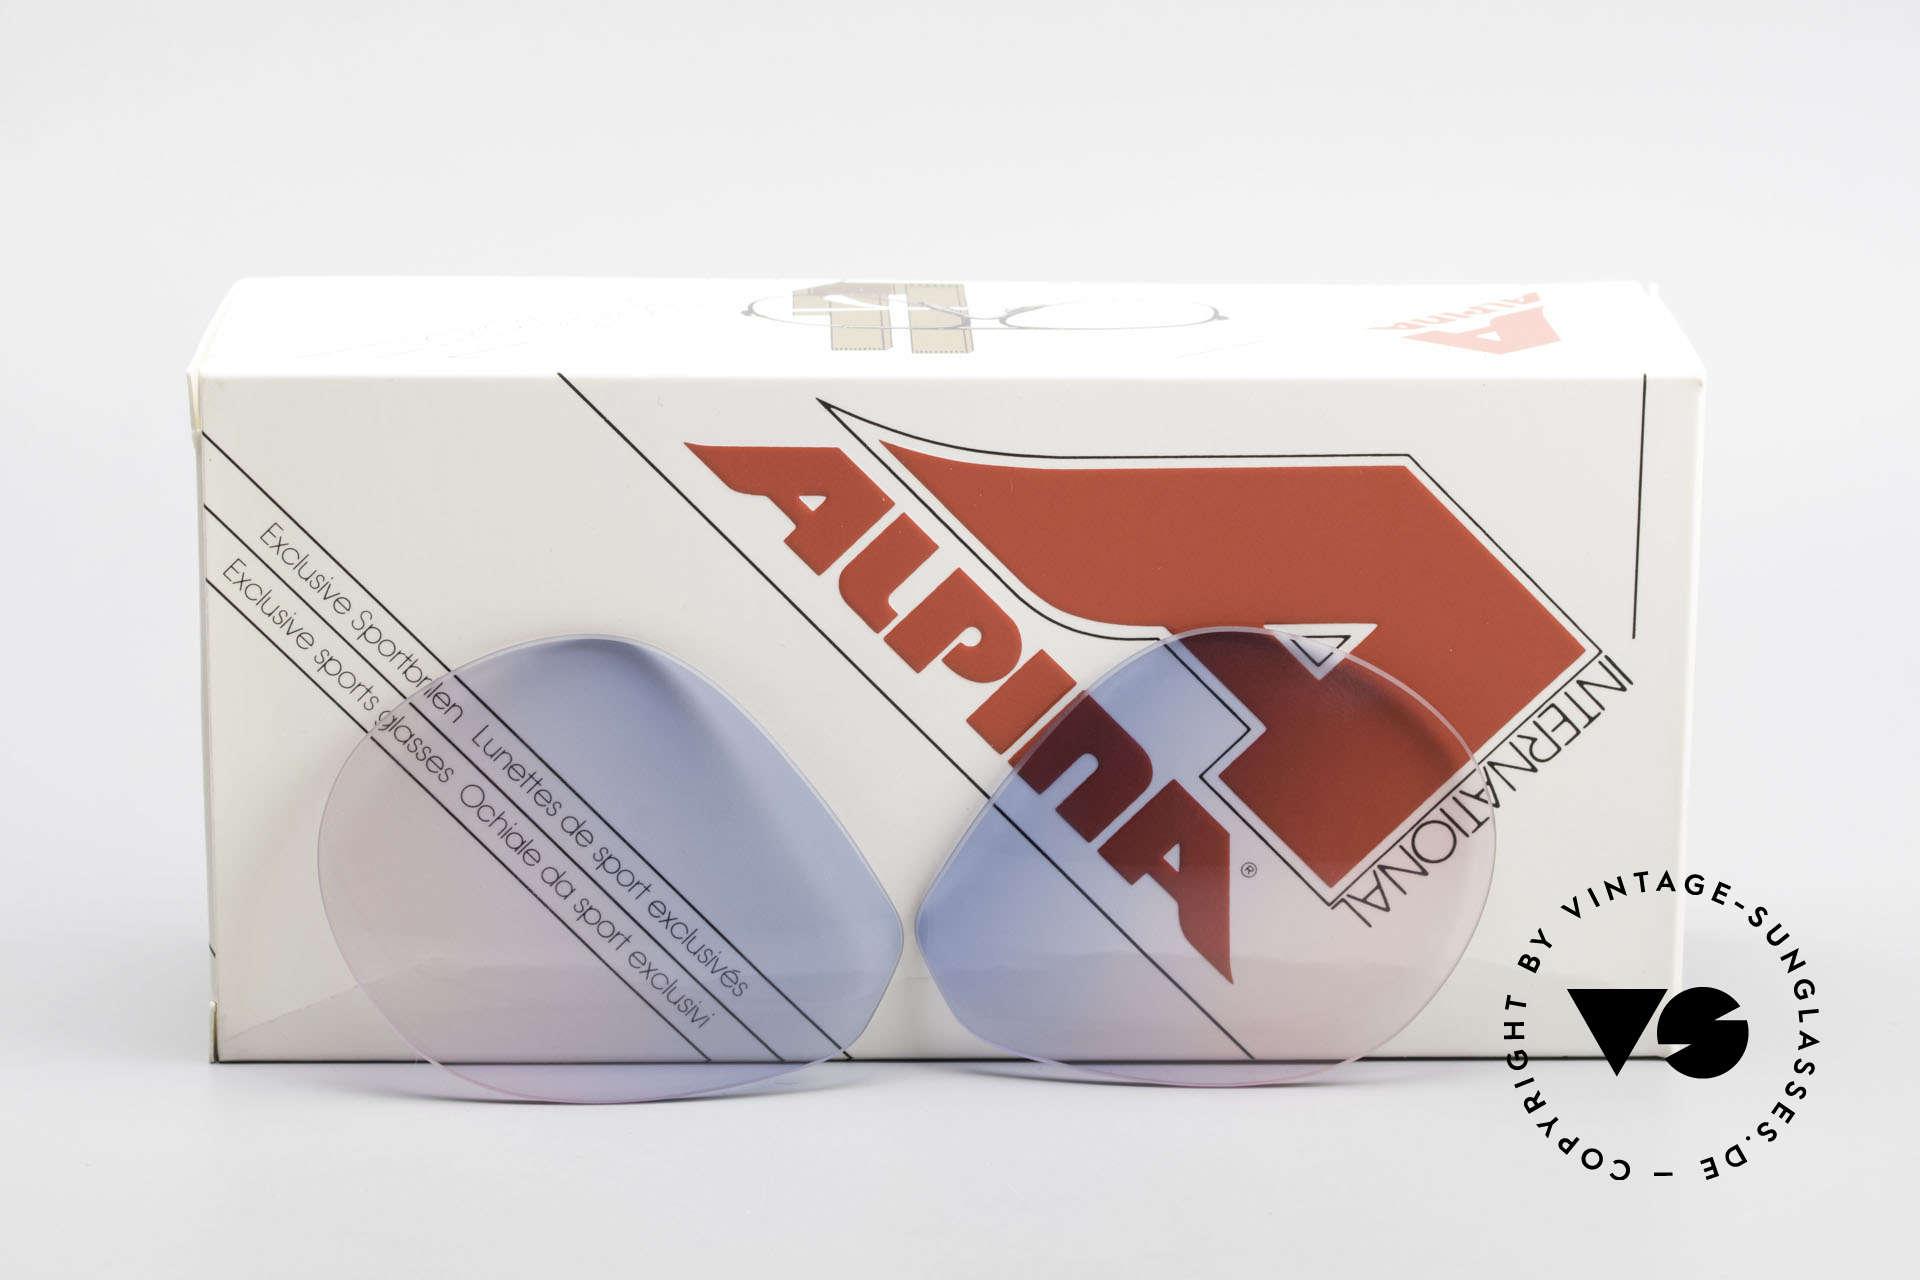 Alpina M1 Lenses New Lenses in baby-blue pink, new CR39 UV400 plastic lenses (for 100% UV protection), Made for Men and Women